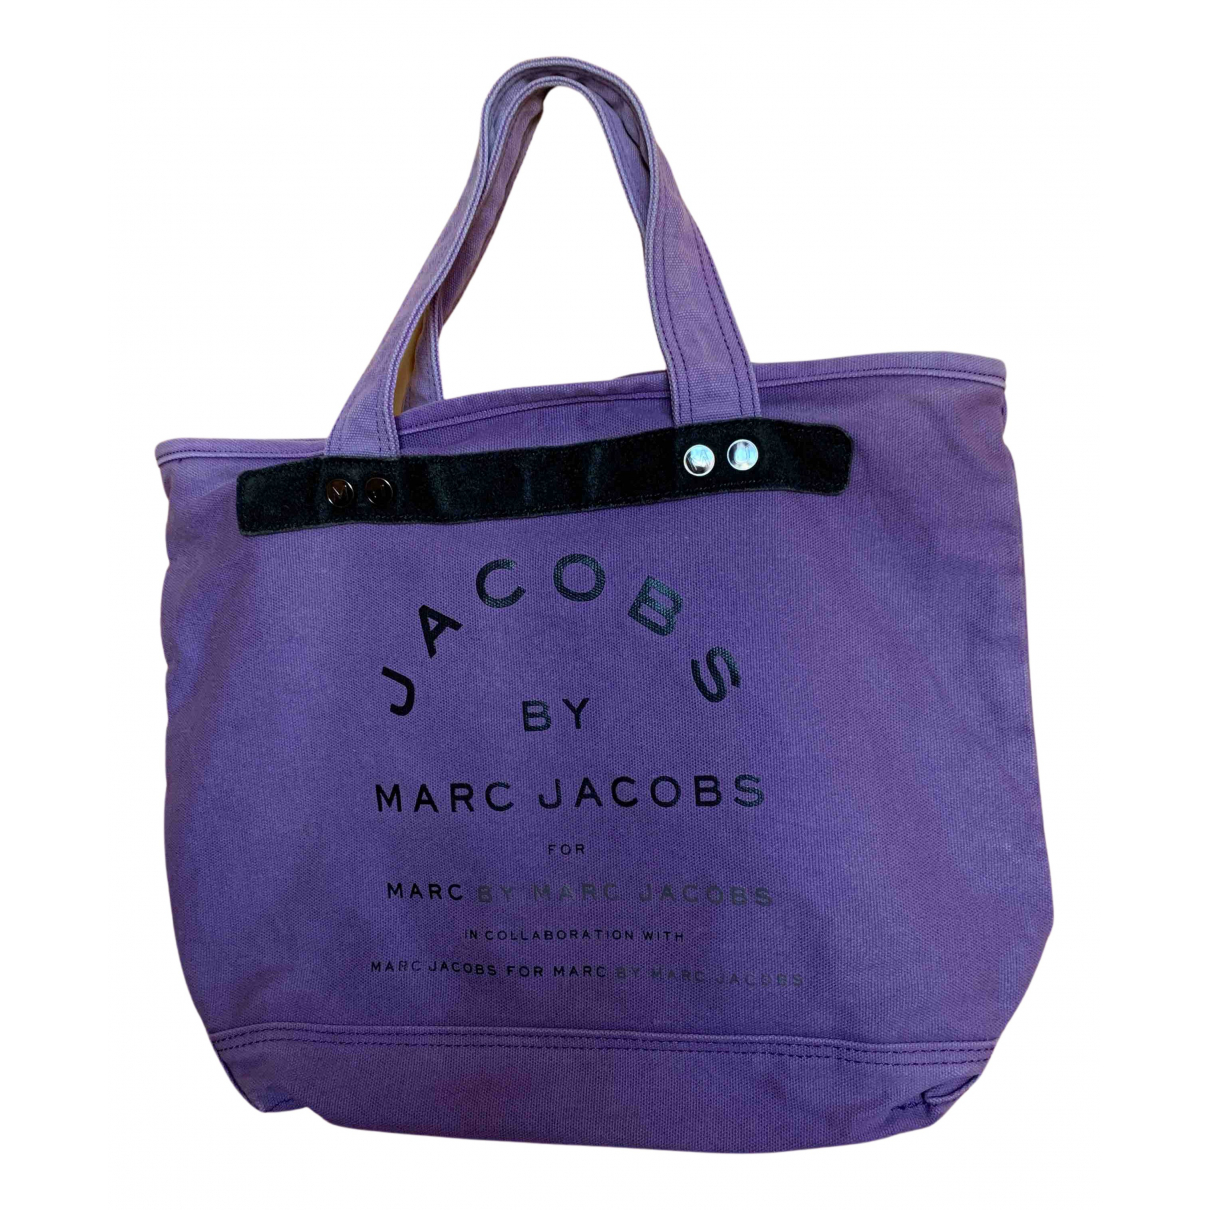 Marc By Marc Jacobs - Sac a main   pour femme en toile - violet